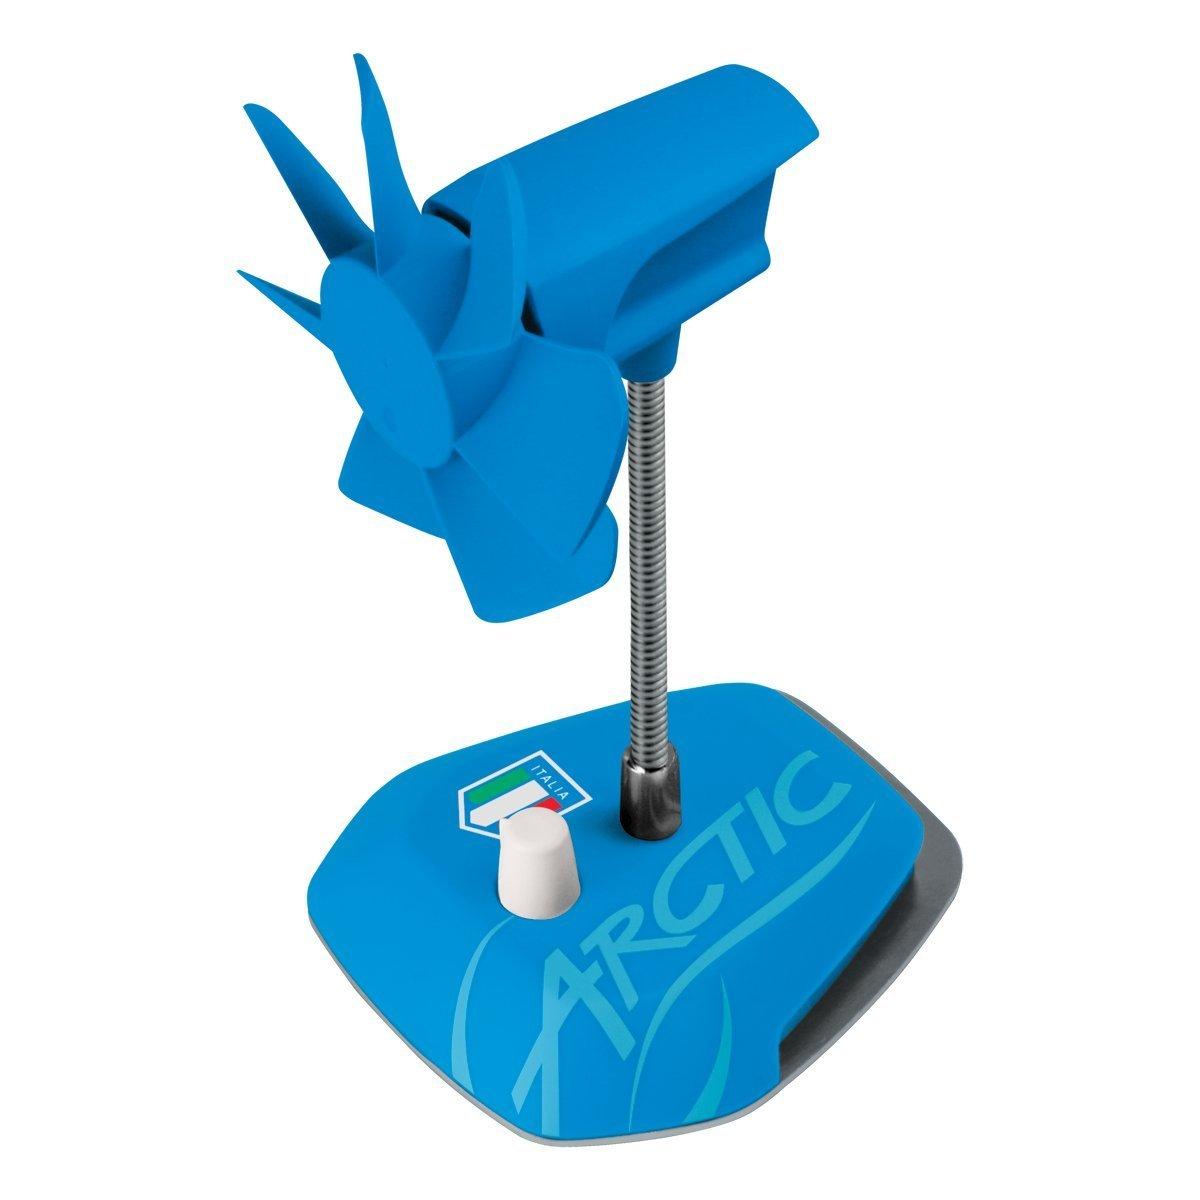 Andrea hardware blog arctic breeze ventilatore da tavolo usb con braccio flessibile e - Ventilatore da tavolo usb ...